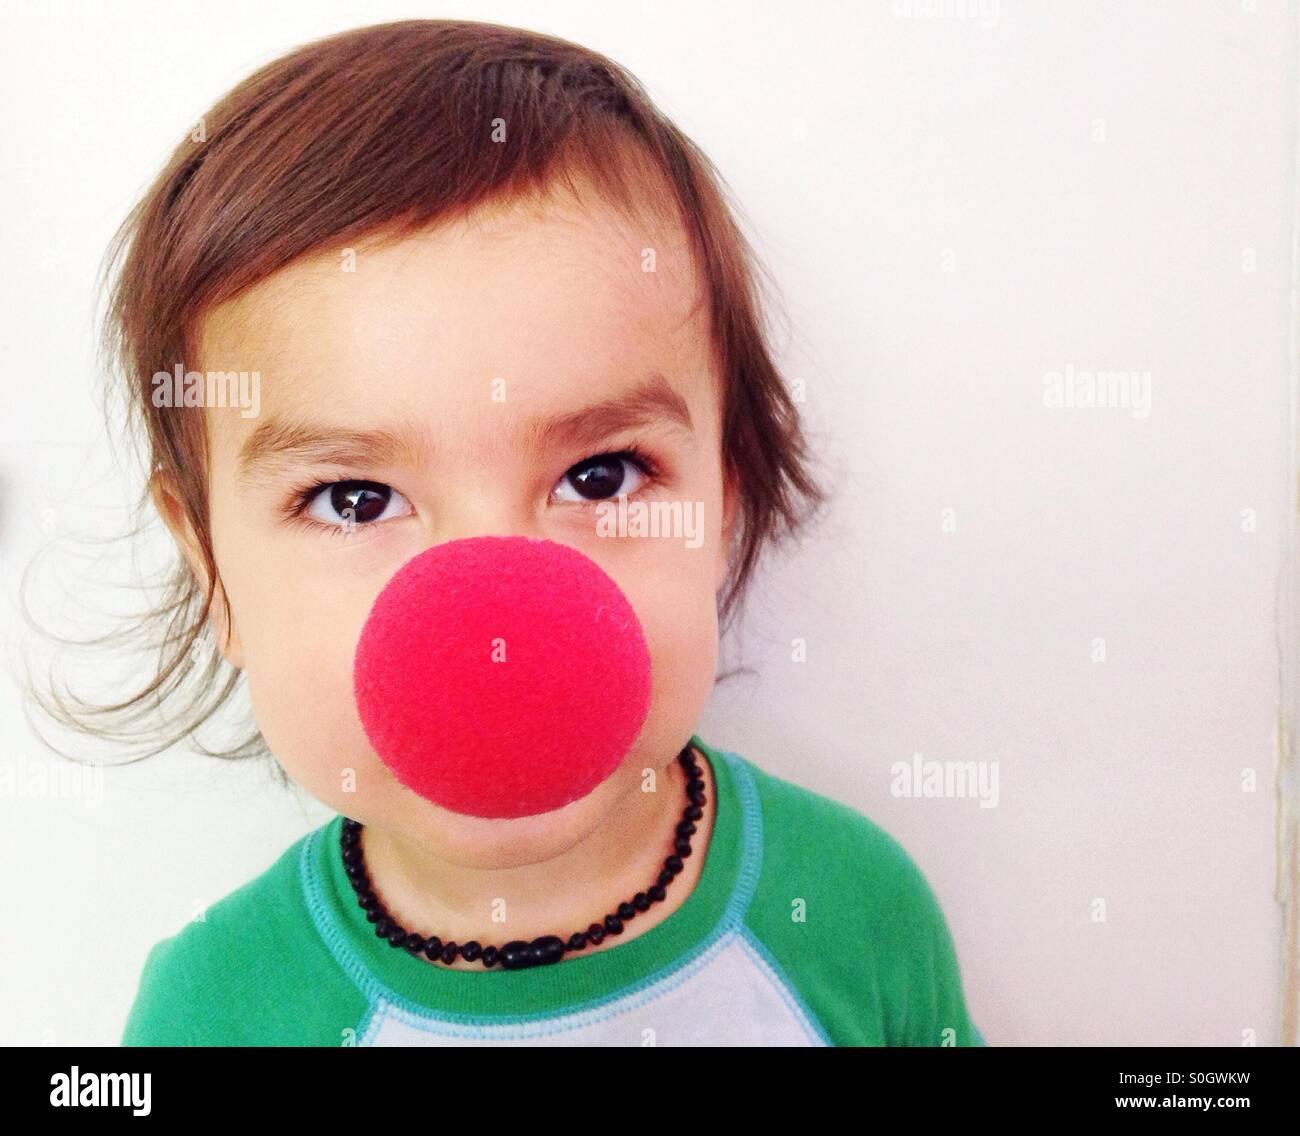 Niedlichen Kleinkind mit roten Clownsnase Stockfoto